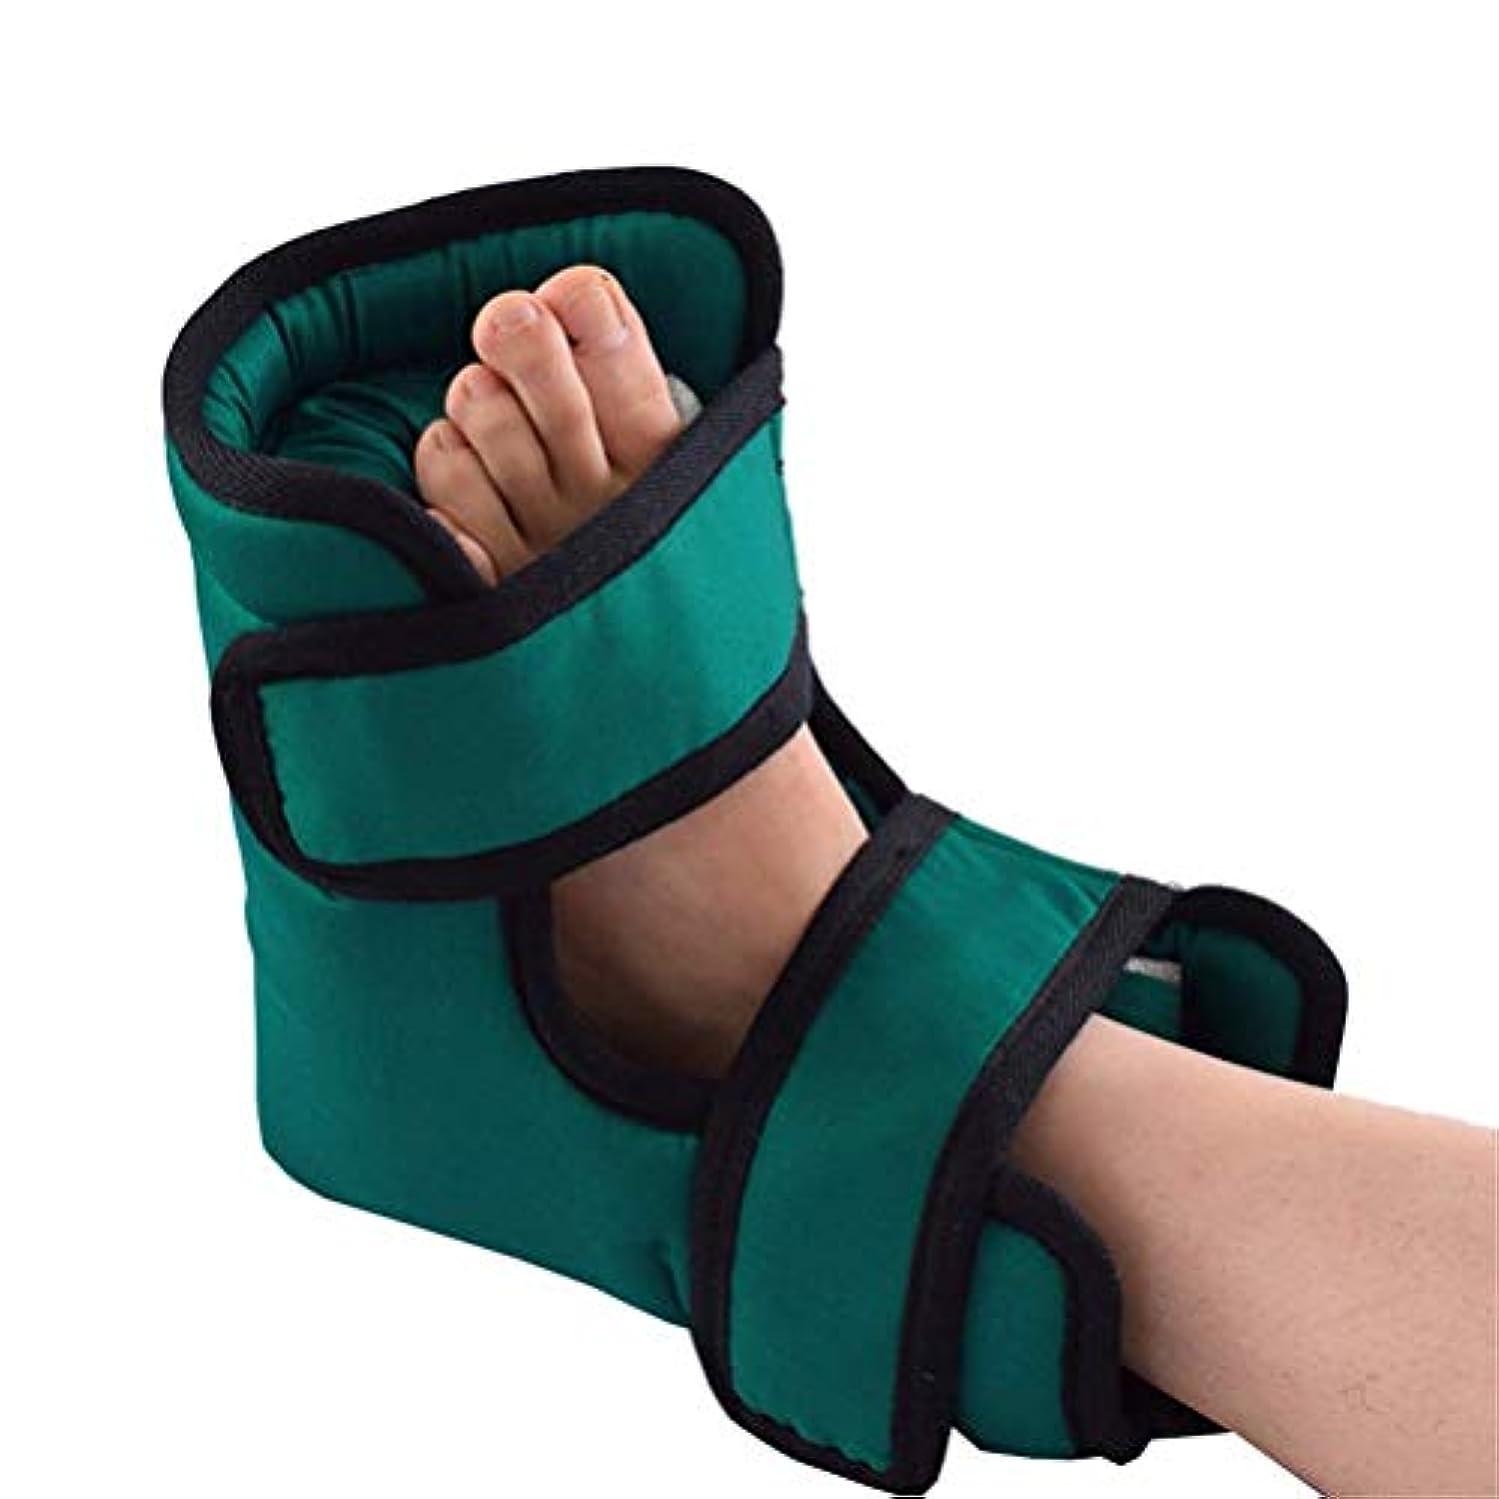 フィヨルド癌ハチ抗褥瘡 ヒールクッション - 圧力緩和ヒールプロテクター - 褥瘡と腱の残りのための足首保護枕 - 1ペア